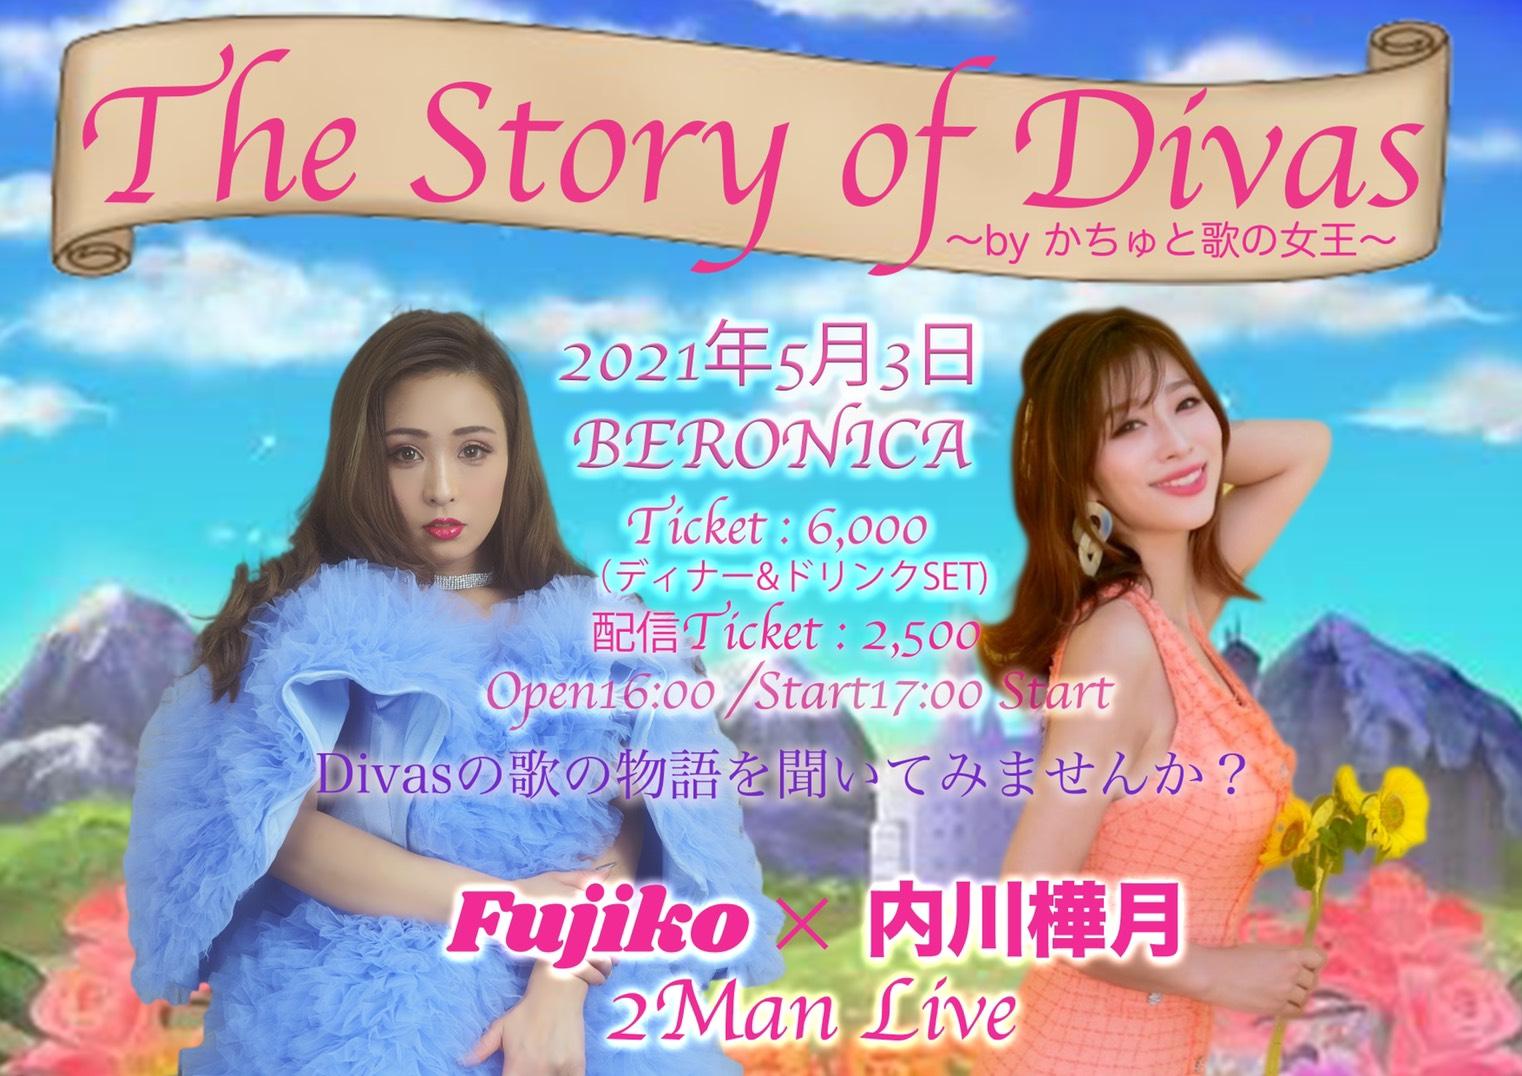 5/3 開催 Fujiko×内川樺月 【The Story of Divas 〜by かちゅと歌の女王〜】